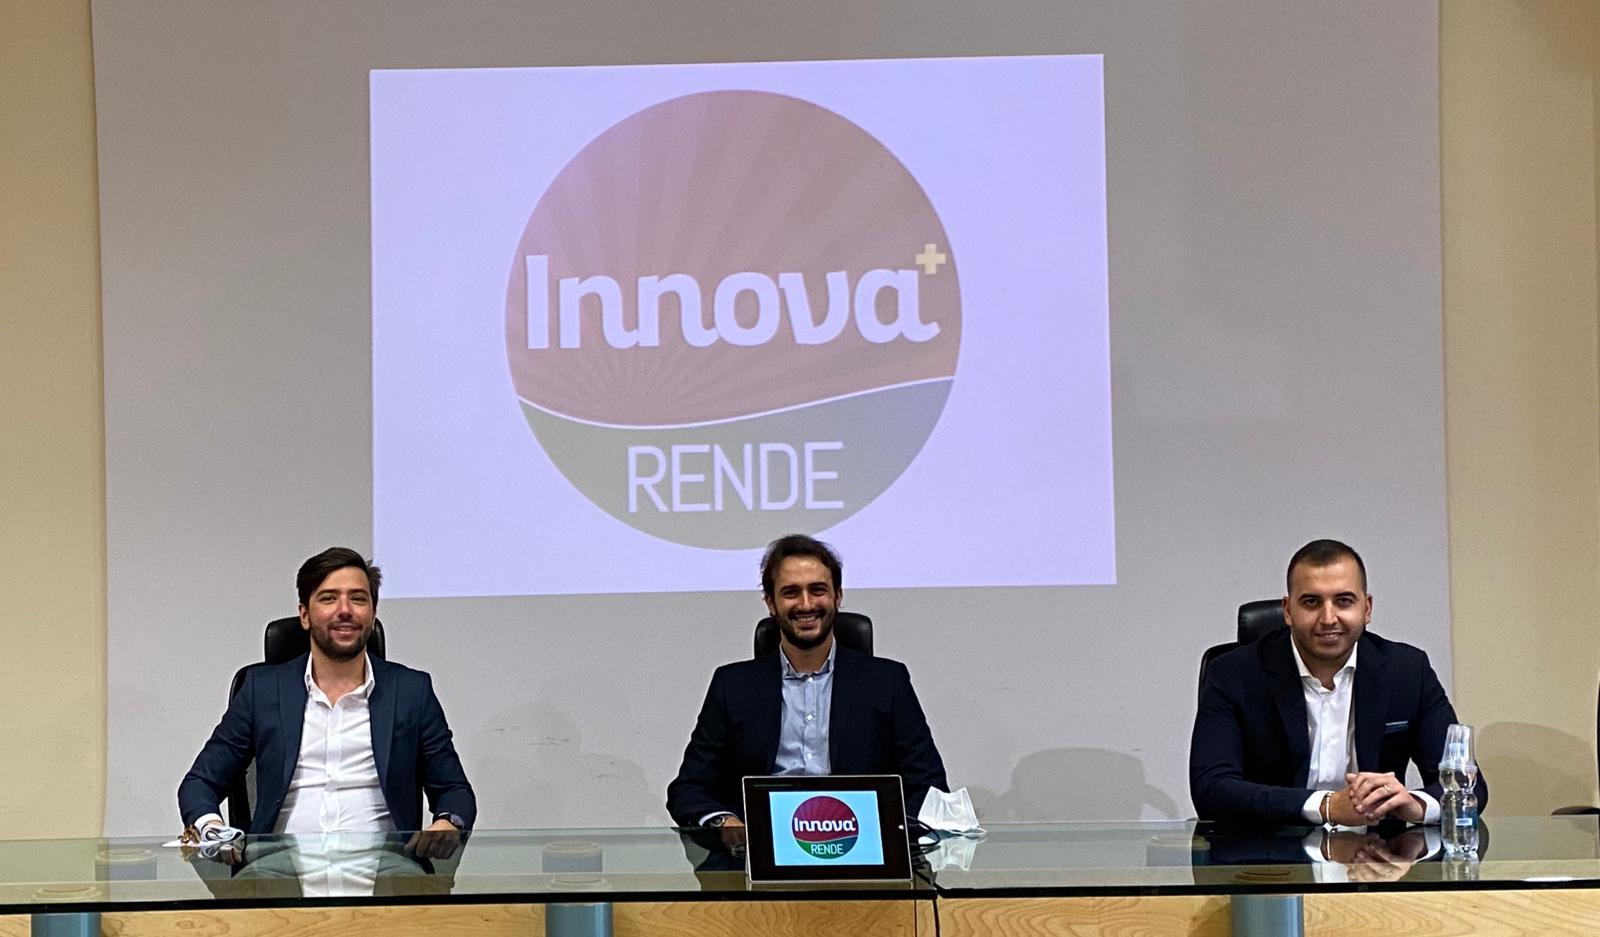 Nasce Innova Rende, un nuovo metodo di fare politica